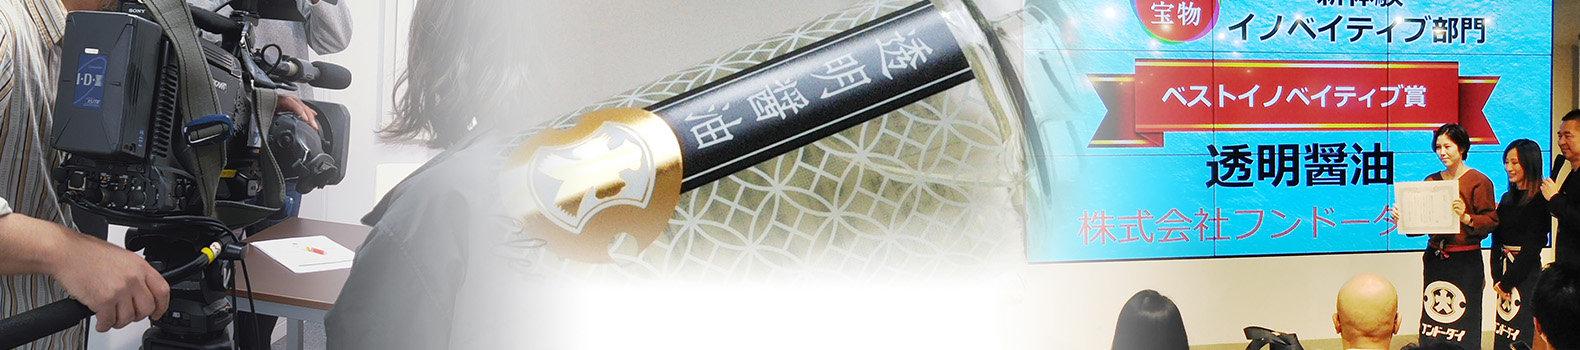 透明醤油シリーズメディア1580×350修正.jpg